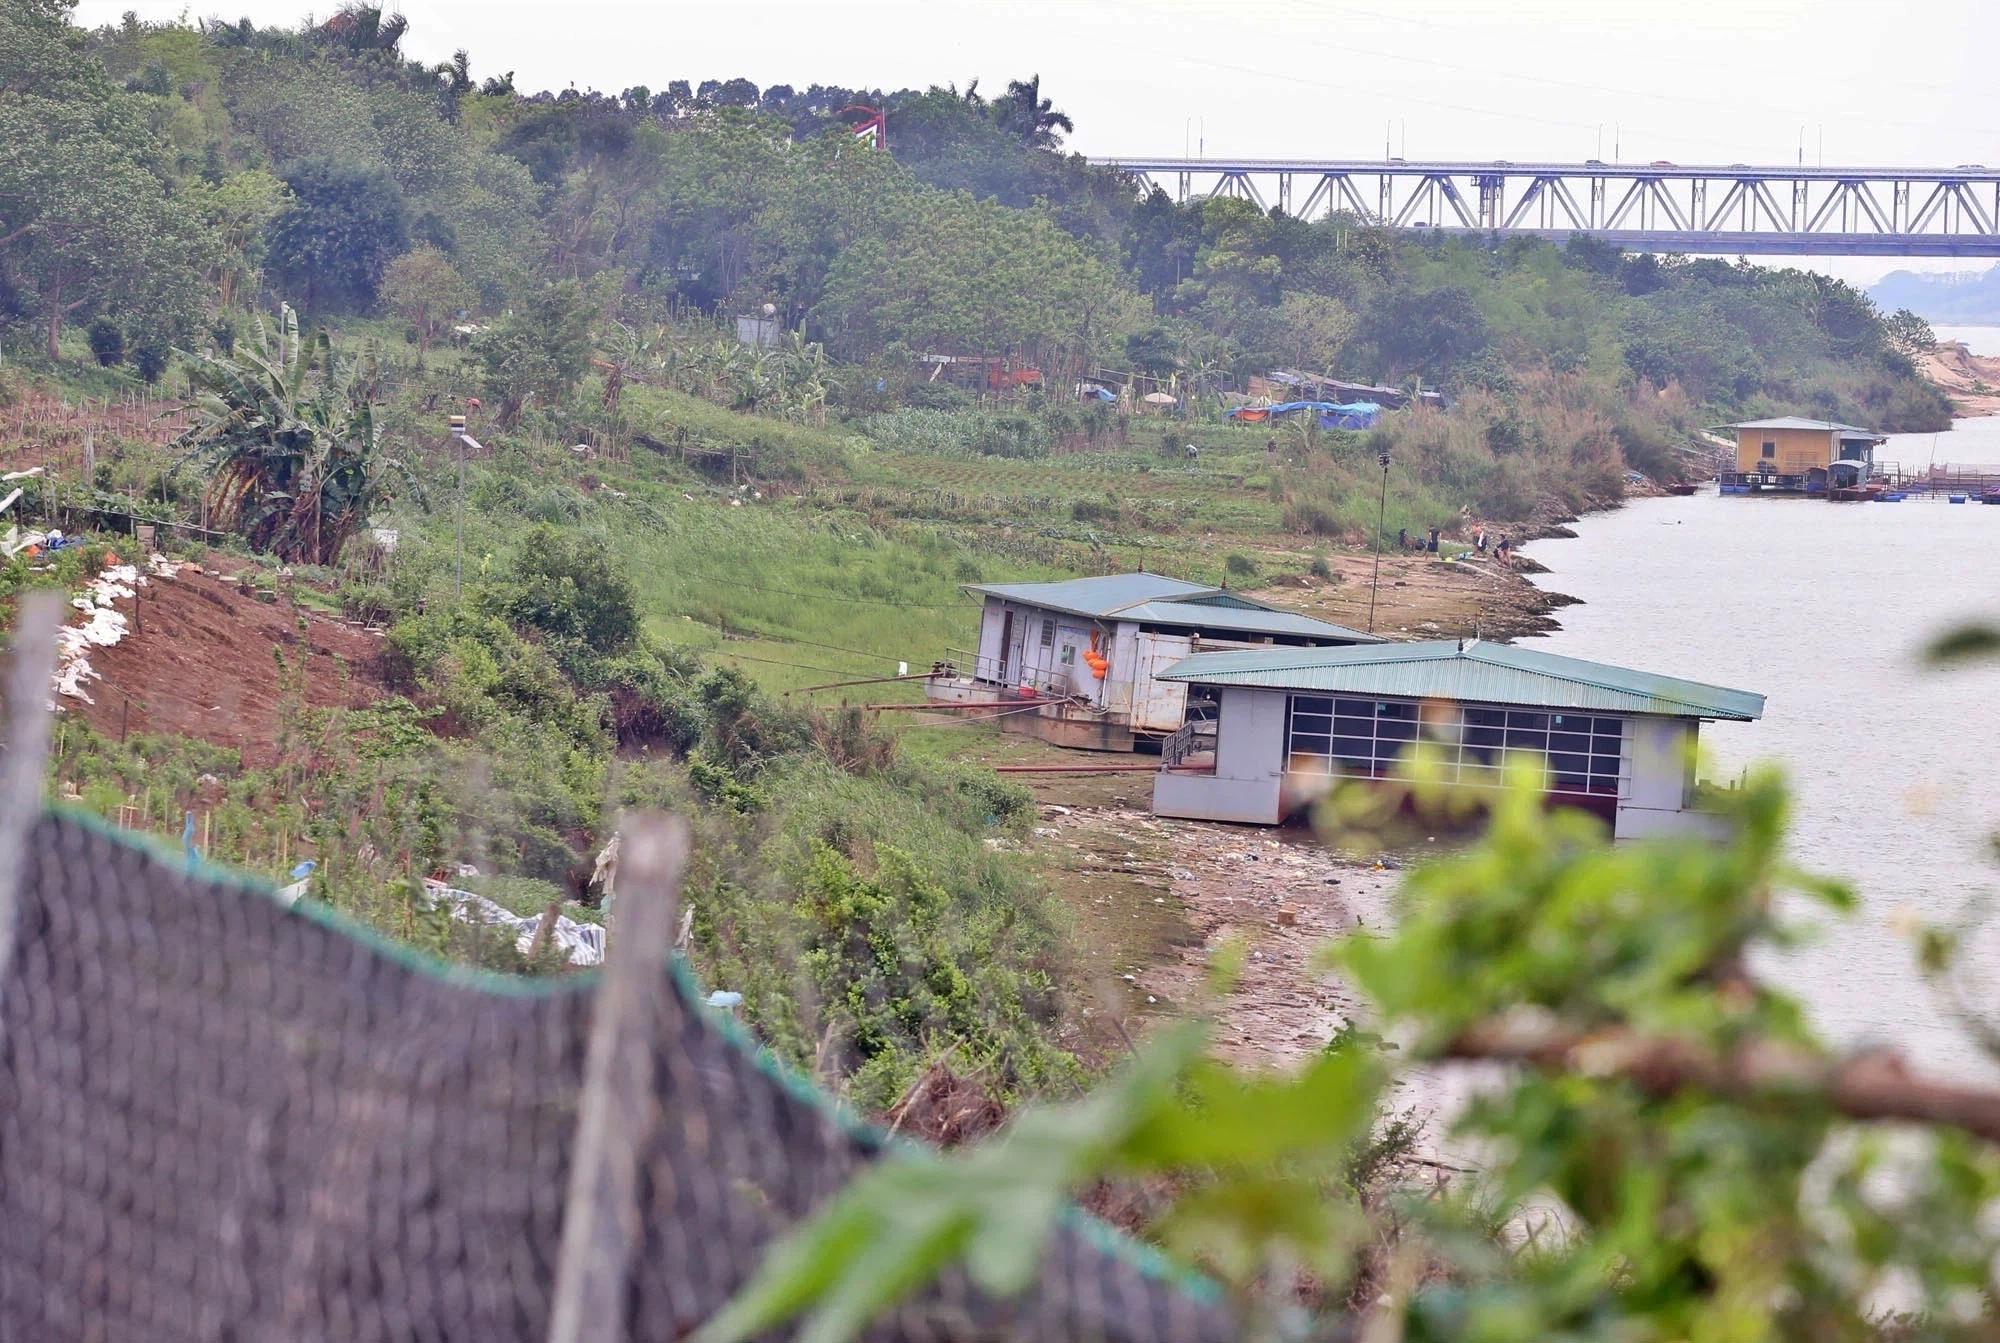 Toàn cảnh hiện trạng Phân khu đô thị sông Hồng trên địa bàn quận Tây Hồ - Ảnh 9.